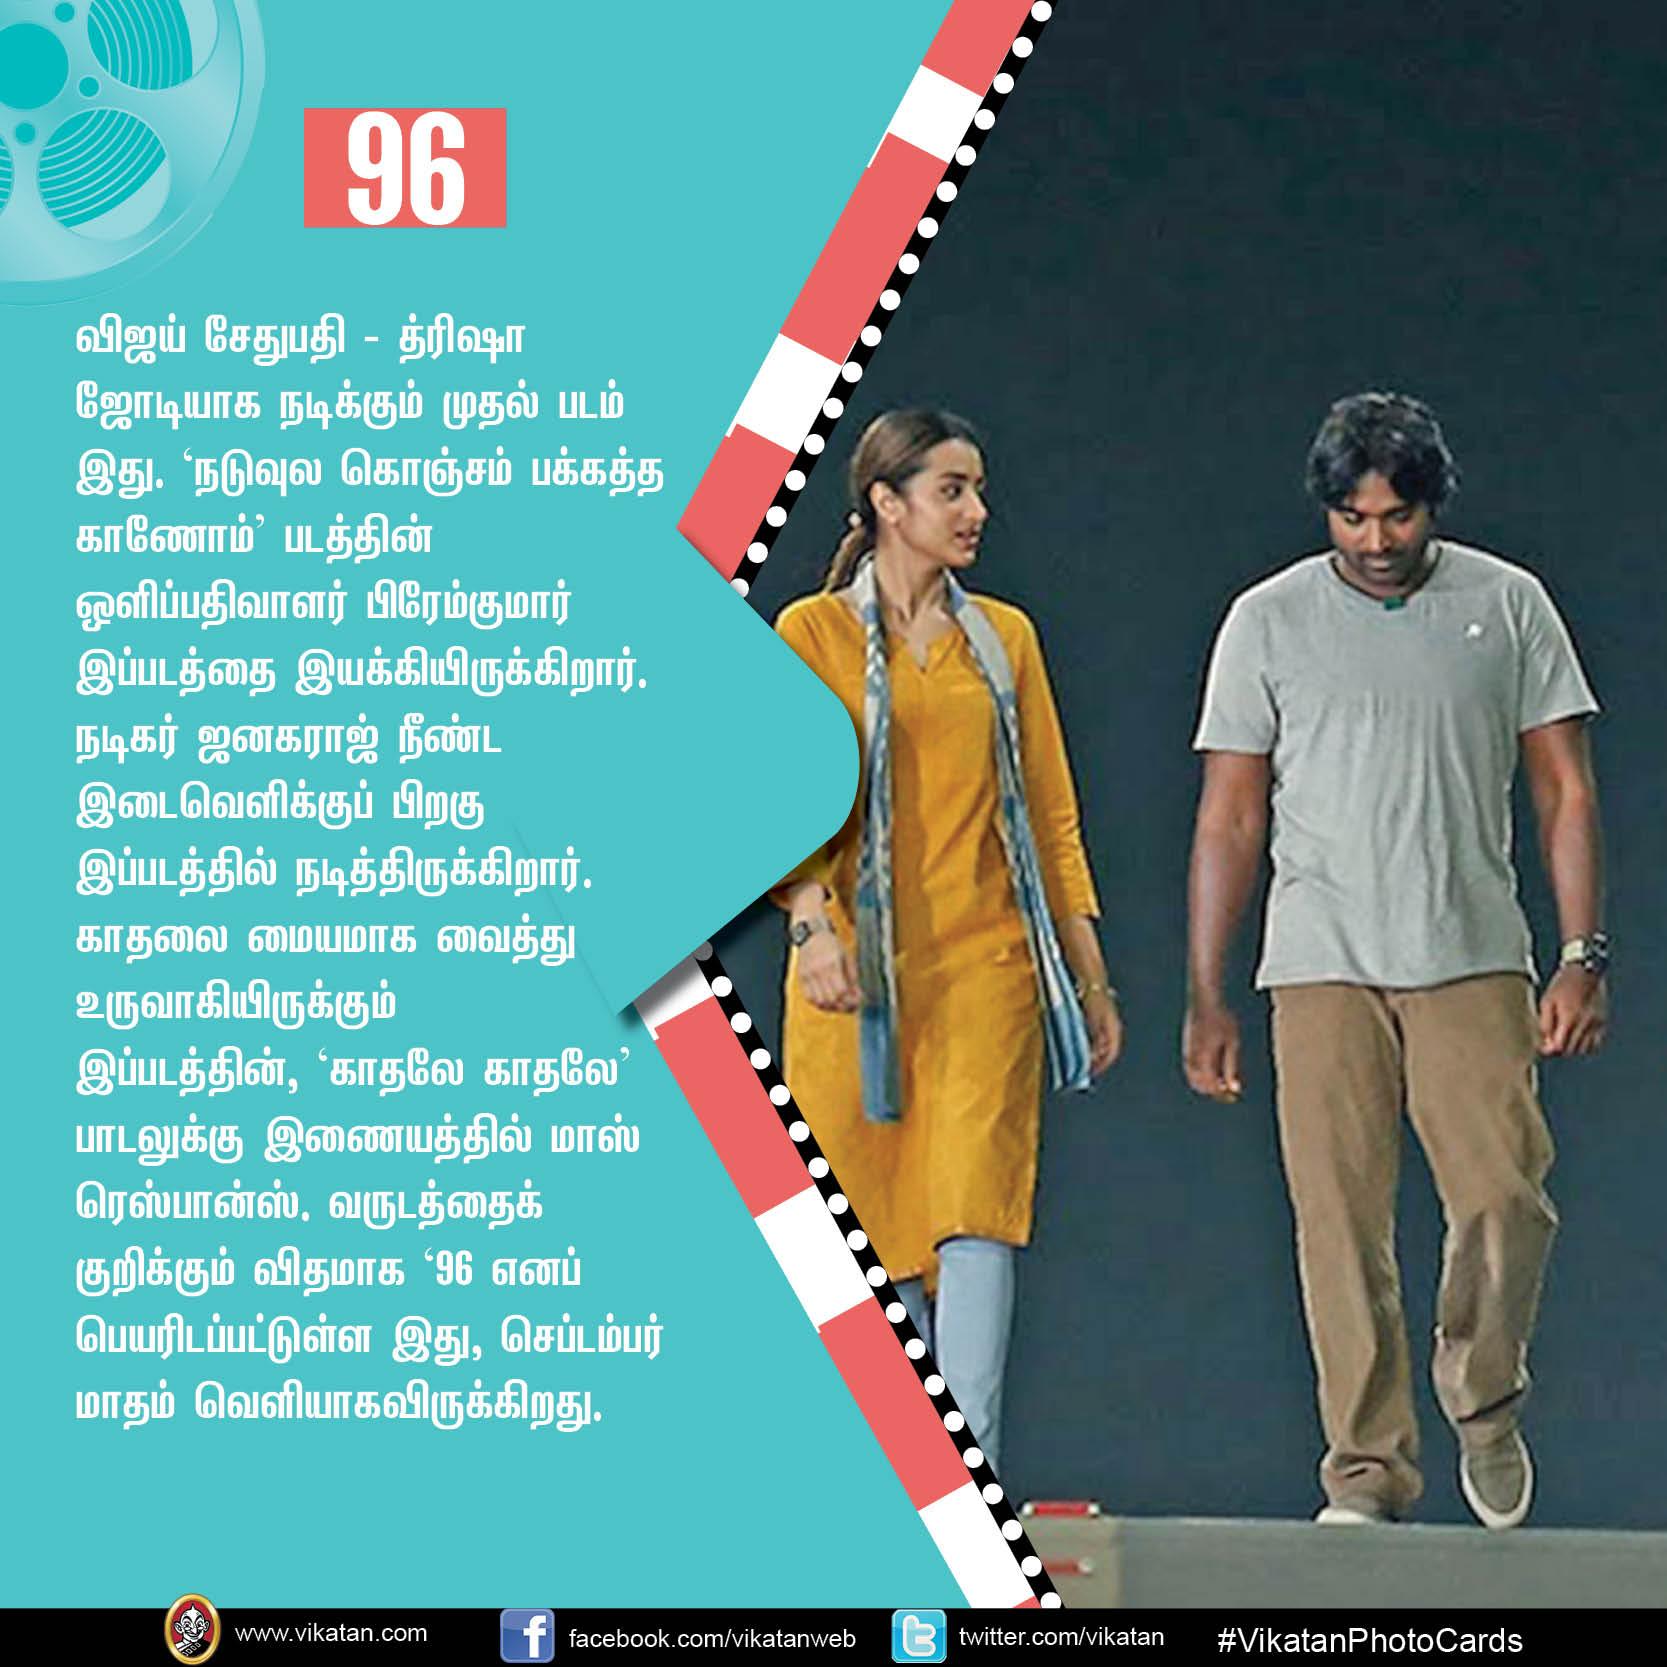 `90 எம்.எல், '96, 7, 8'... ரிலீஸுக்குக் காத்திருக்கும் நம்பர் படங்கள்..! #VikatanPhotoCards